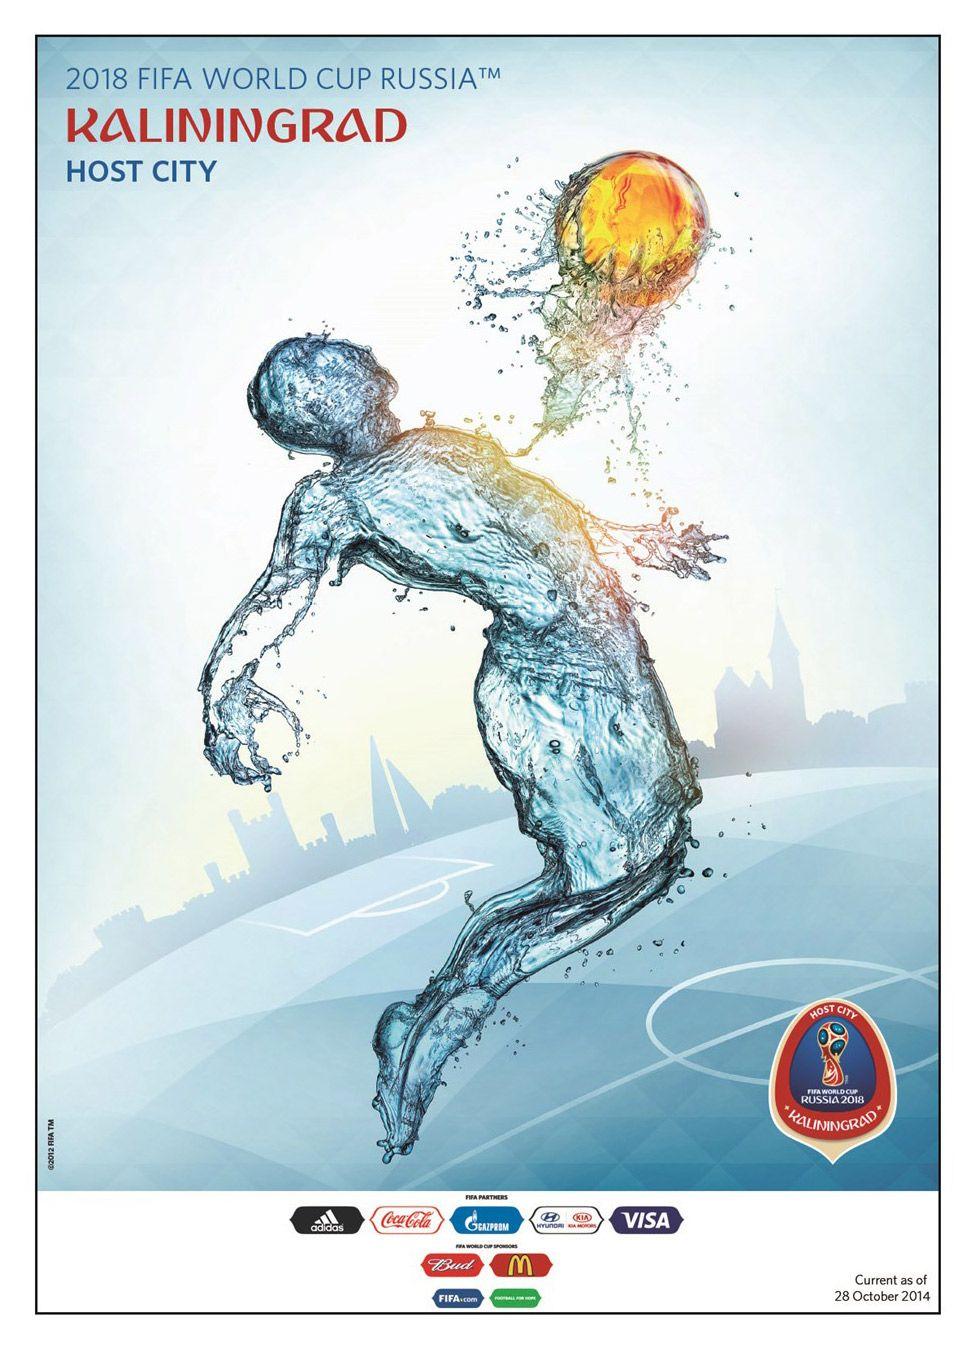 Idee von Drake auf Russia World Cup 2018